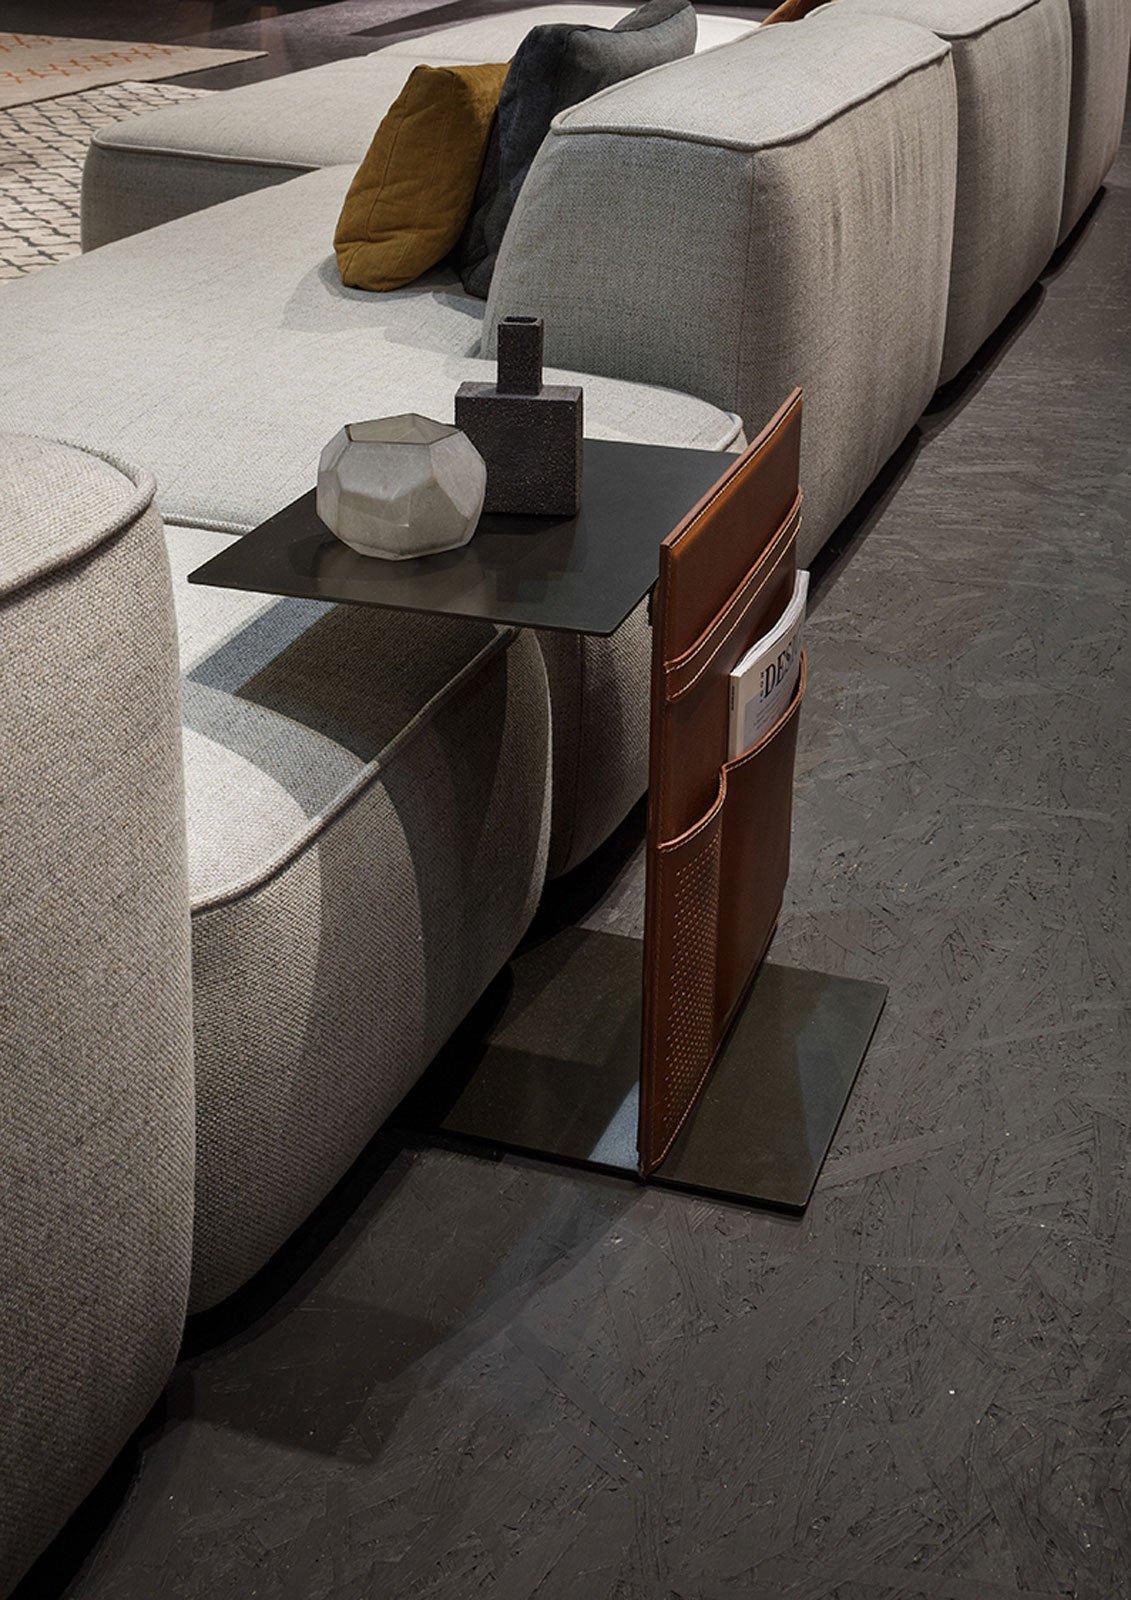 Divani i modelli attrezzati con piani d 39 appoggio e vani per contenere cose di casa - Tavolino da divano per pc ...